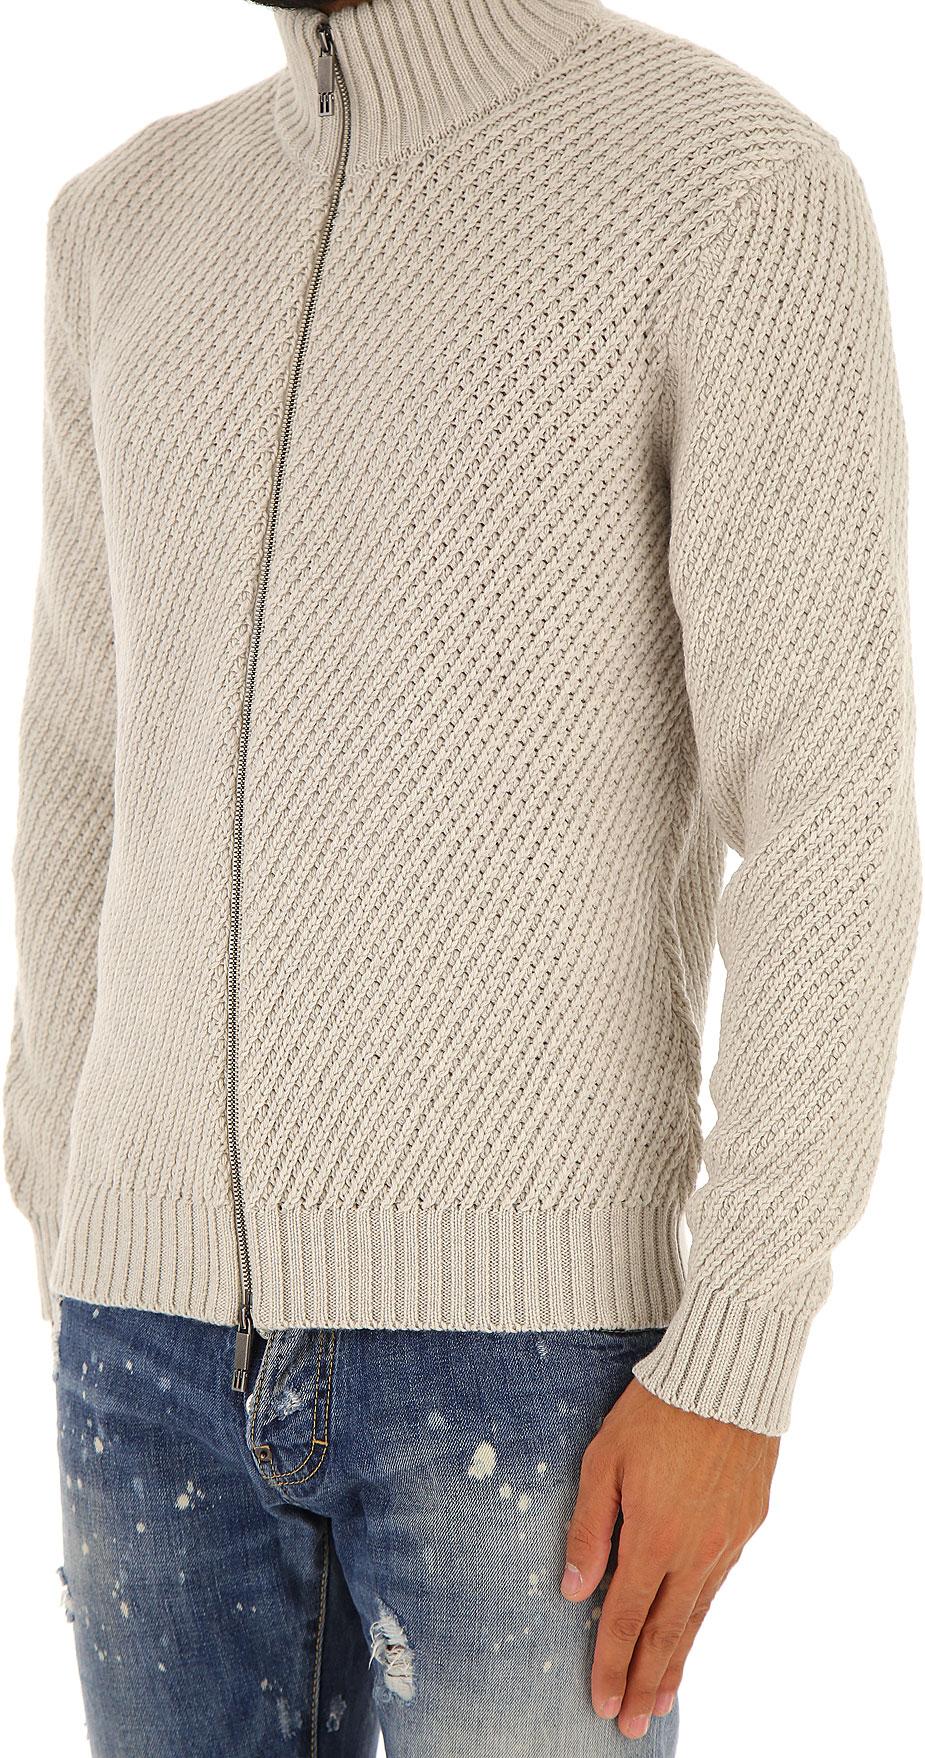 Abbigliamento Uomo Etro, Codice Articolo: 1m722-9631-991